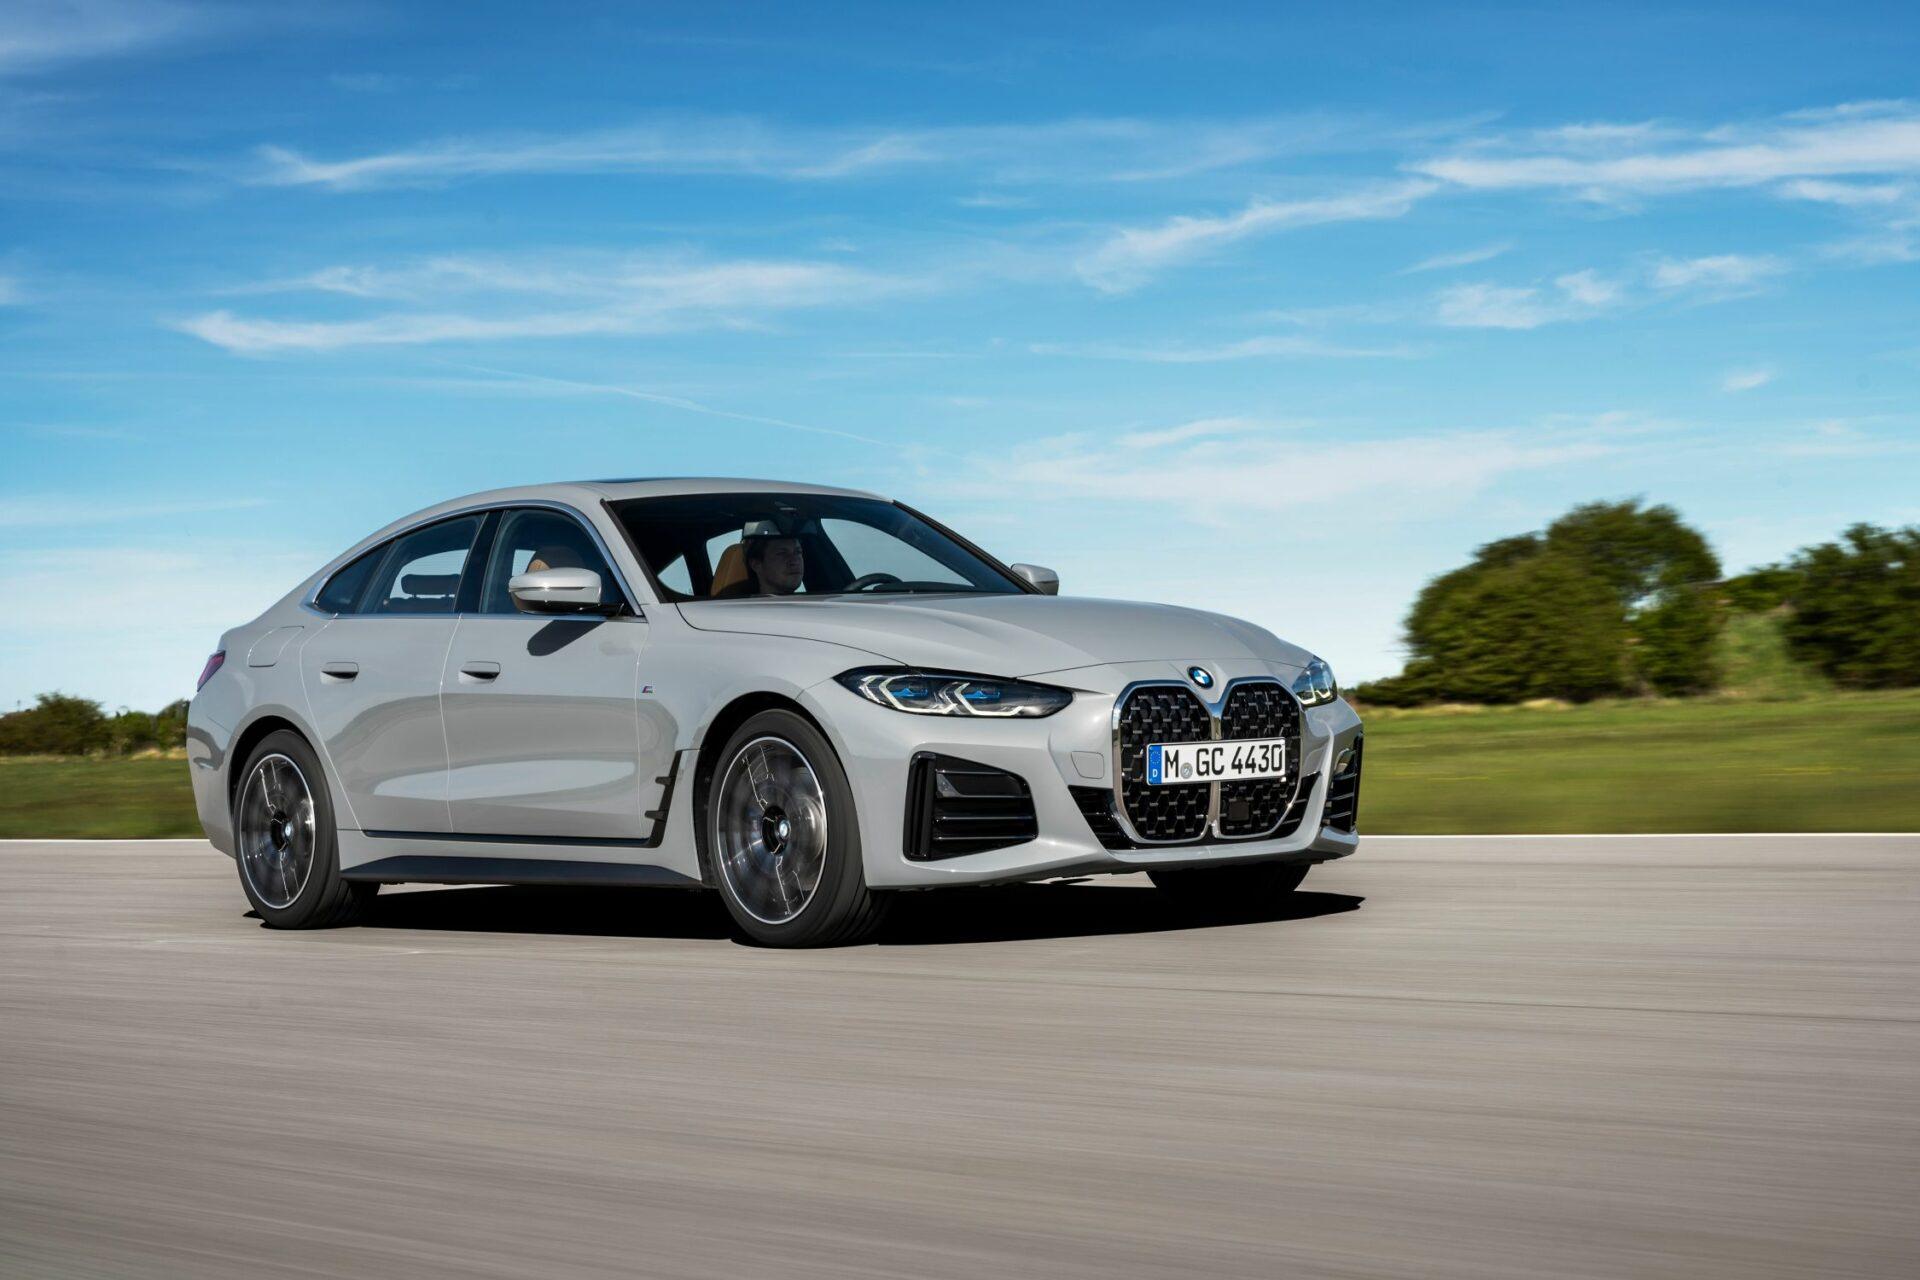 Nuevo BMW Serie 4 Gran Coupé: hasta 374 CV para el Serie 4 más práctico